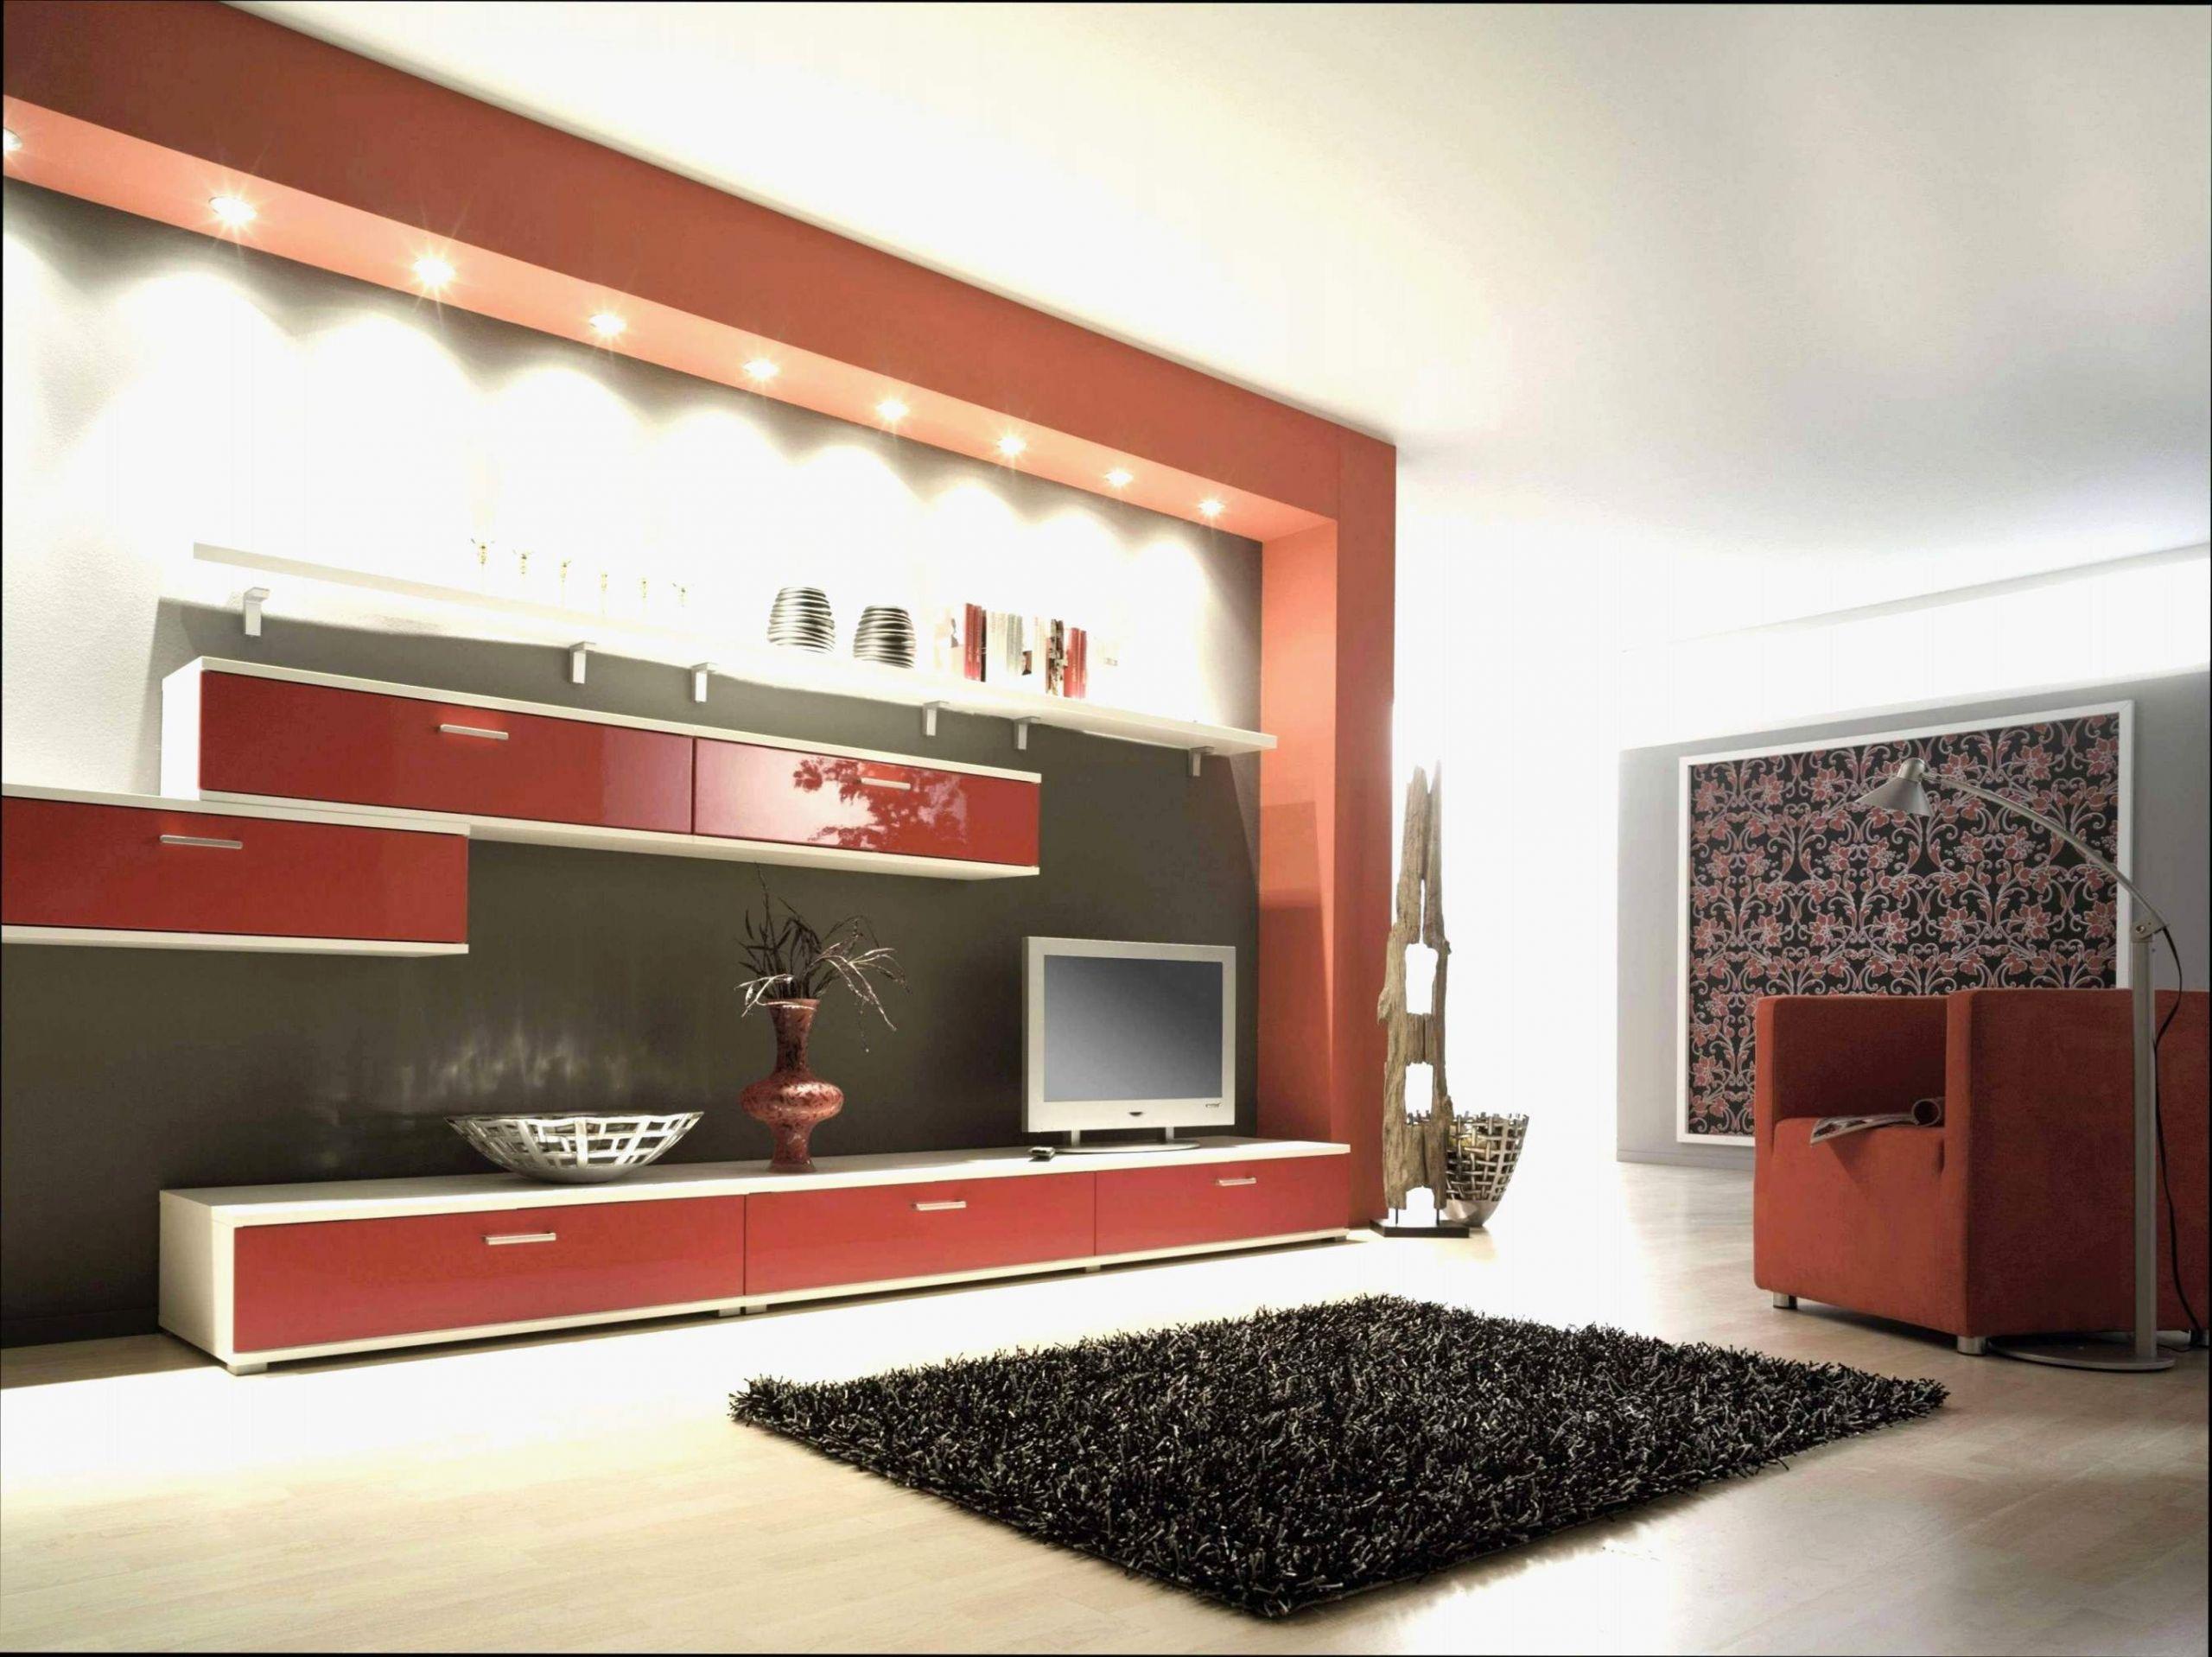 deko wohnzimmer selber machen reizend tv wand selber machen prime deko wohnzimmer holz extravaganz of deko wohnzimmer selber machen